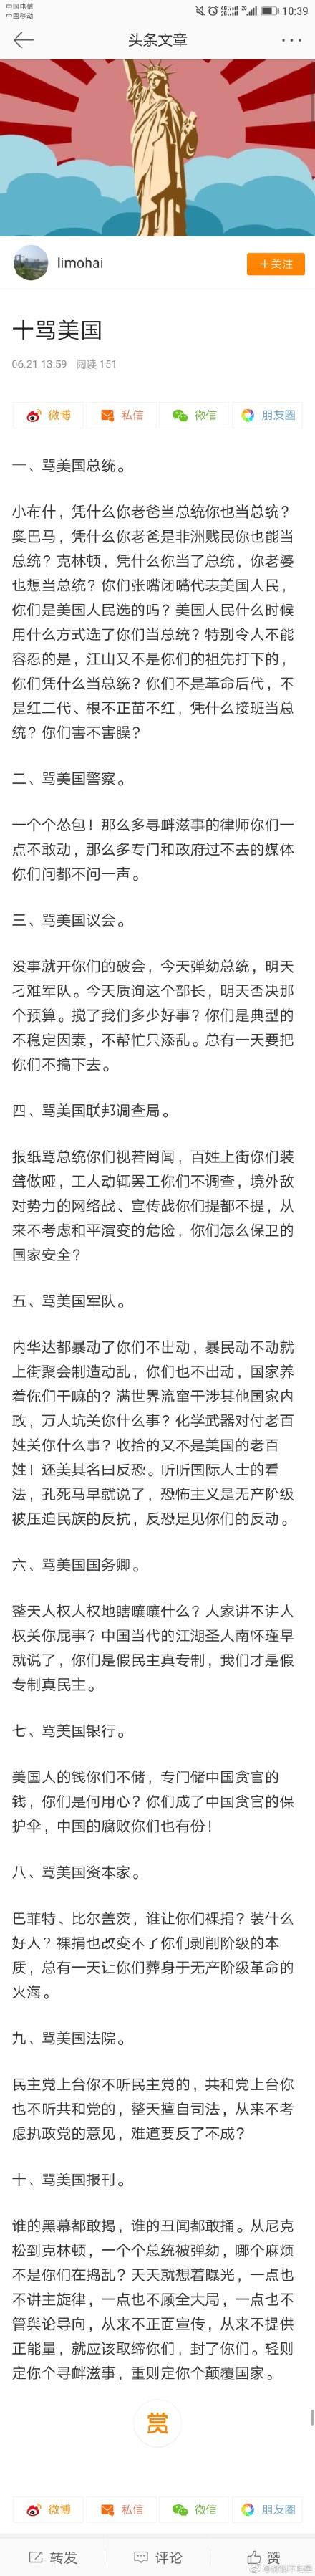 """【立此存照】微博批评极权遭""""举报""""后 山东一教授被党校解聘"""